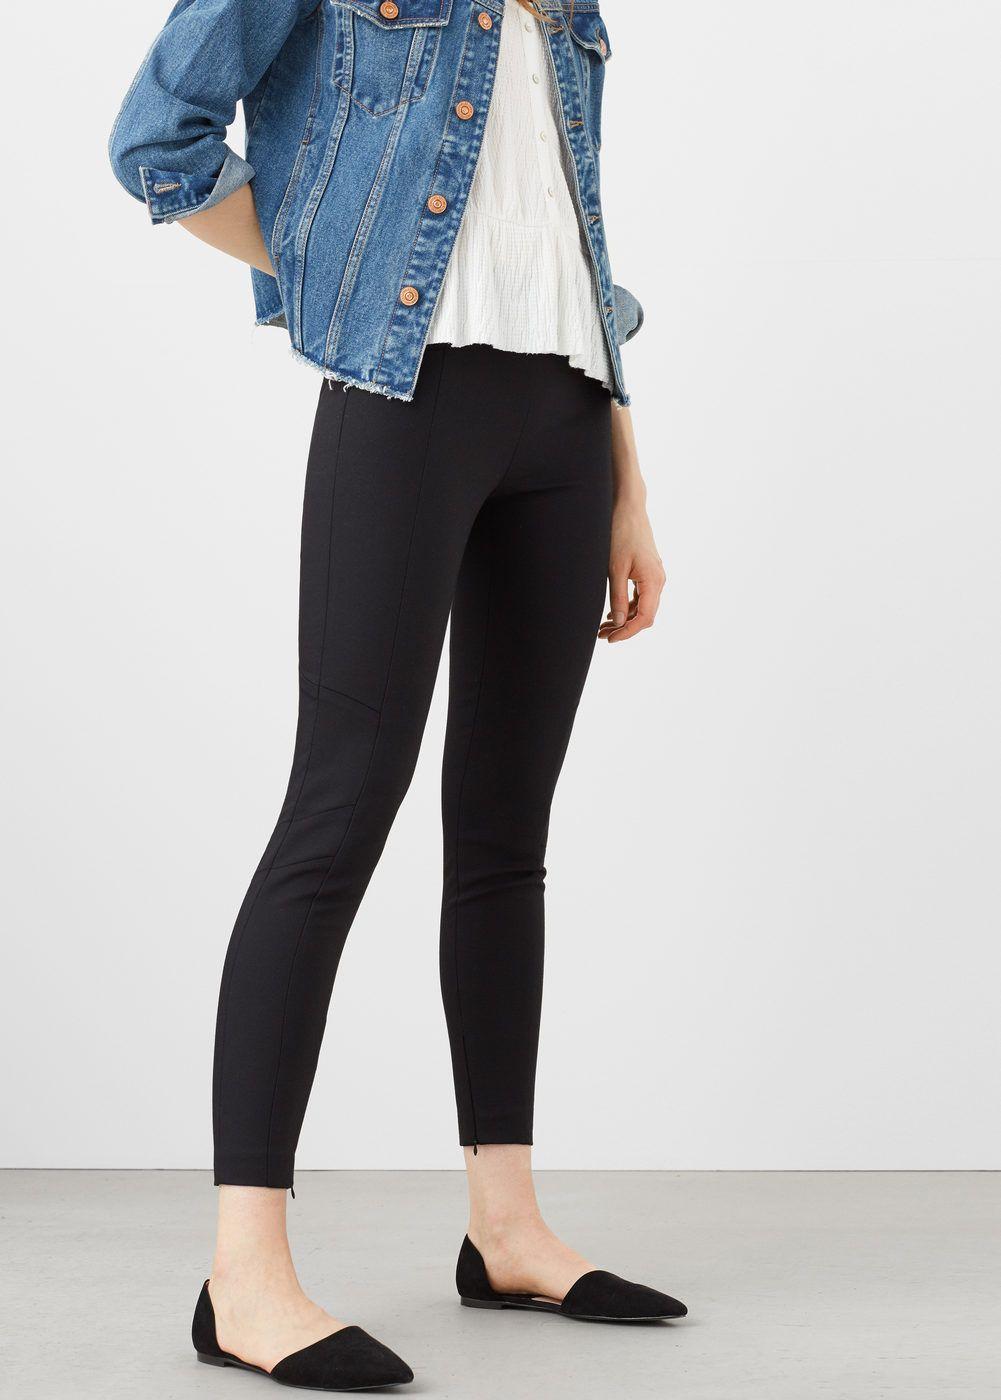 562d85c5e9b820 Essential cotton leggings - Women   Net a porter Style.   Cotton ...